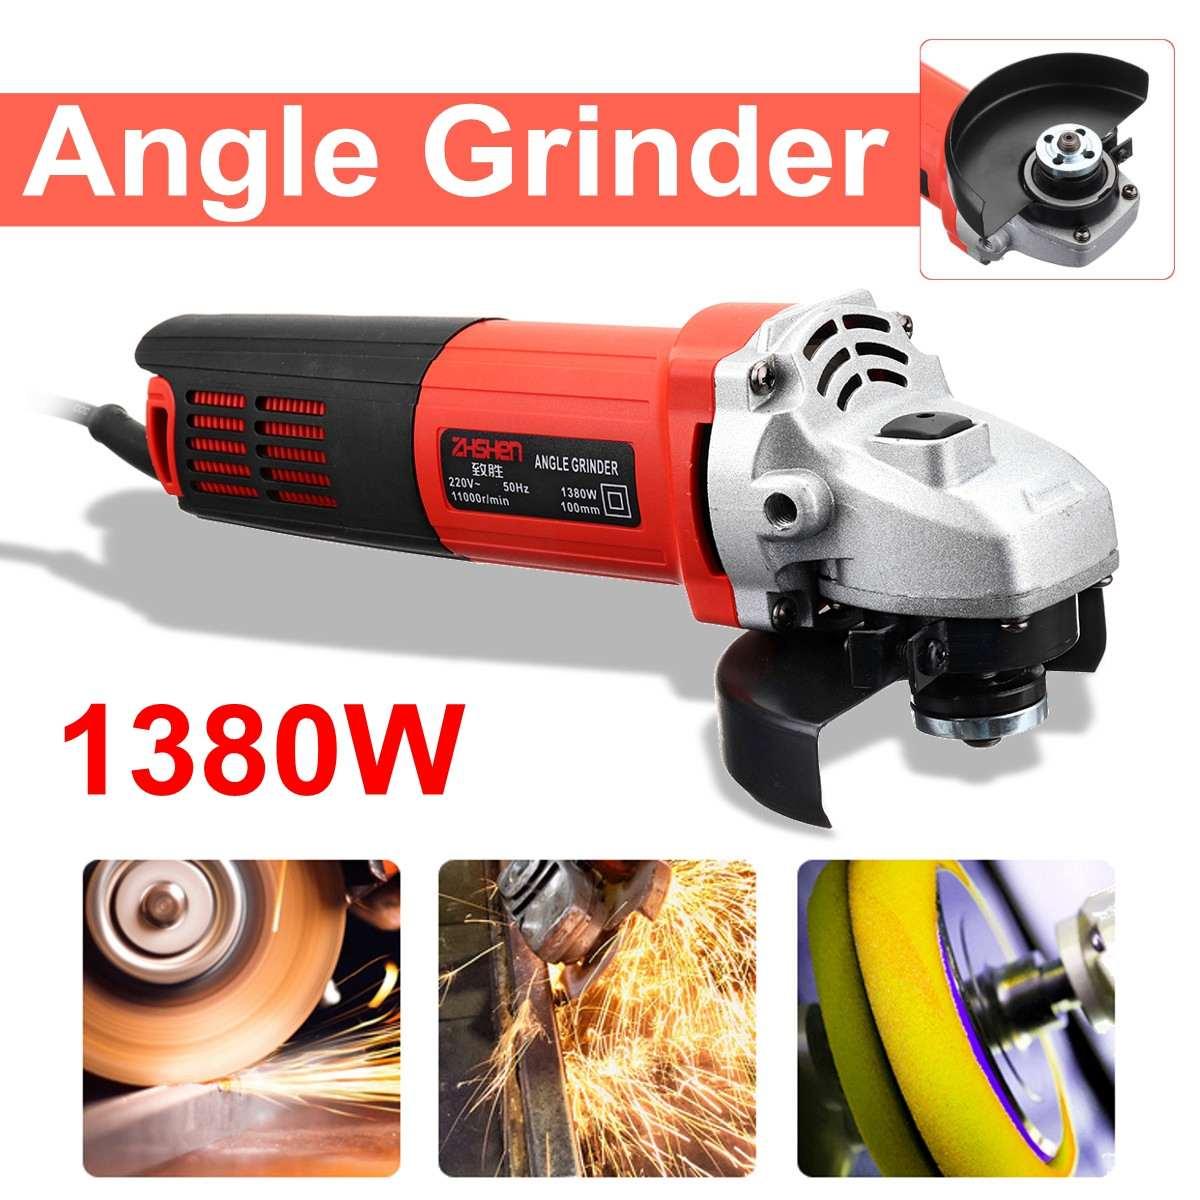 Szlifierka kątowa 220 V/50Hz 1380W 11000r/min elektryczny kąt szlifowania metalu cięcie drewna i szlifierki elektronarzędzia